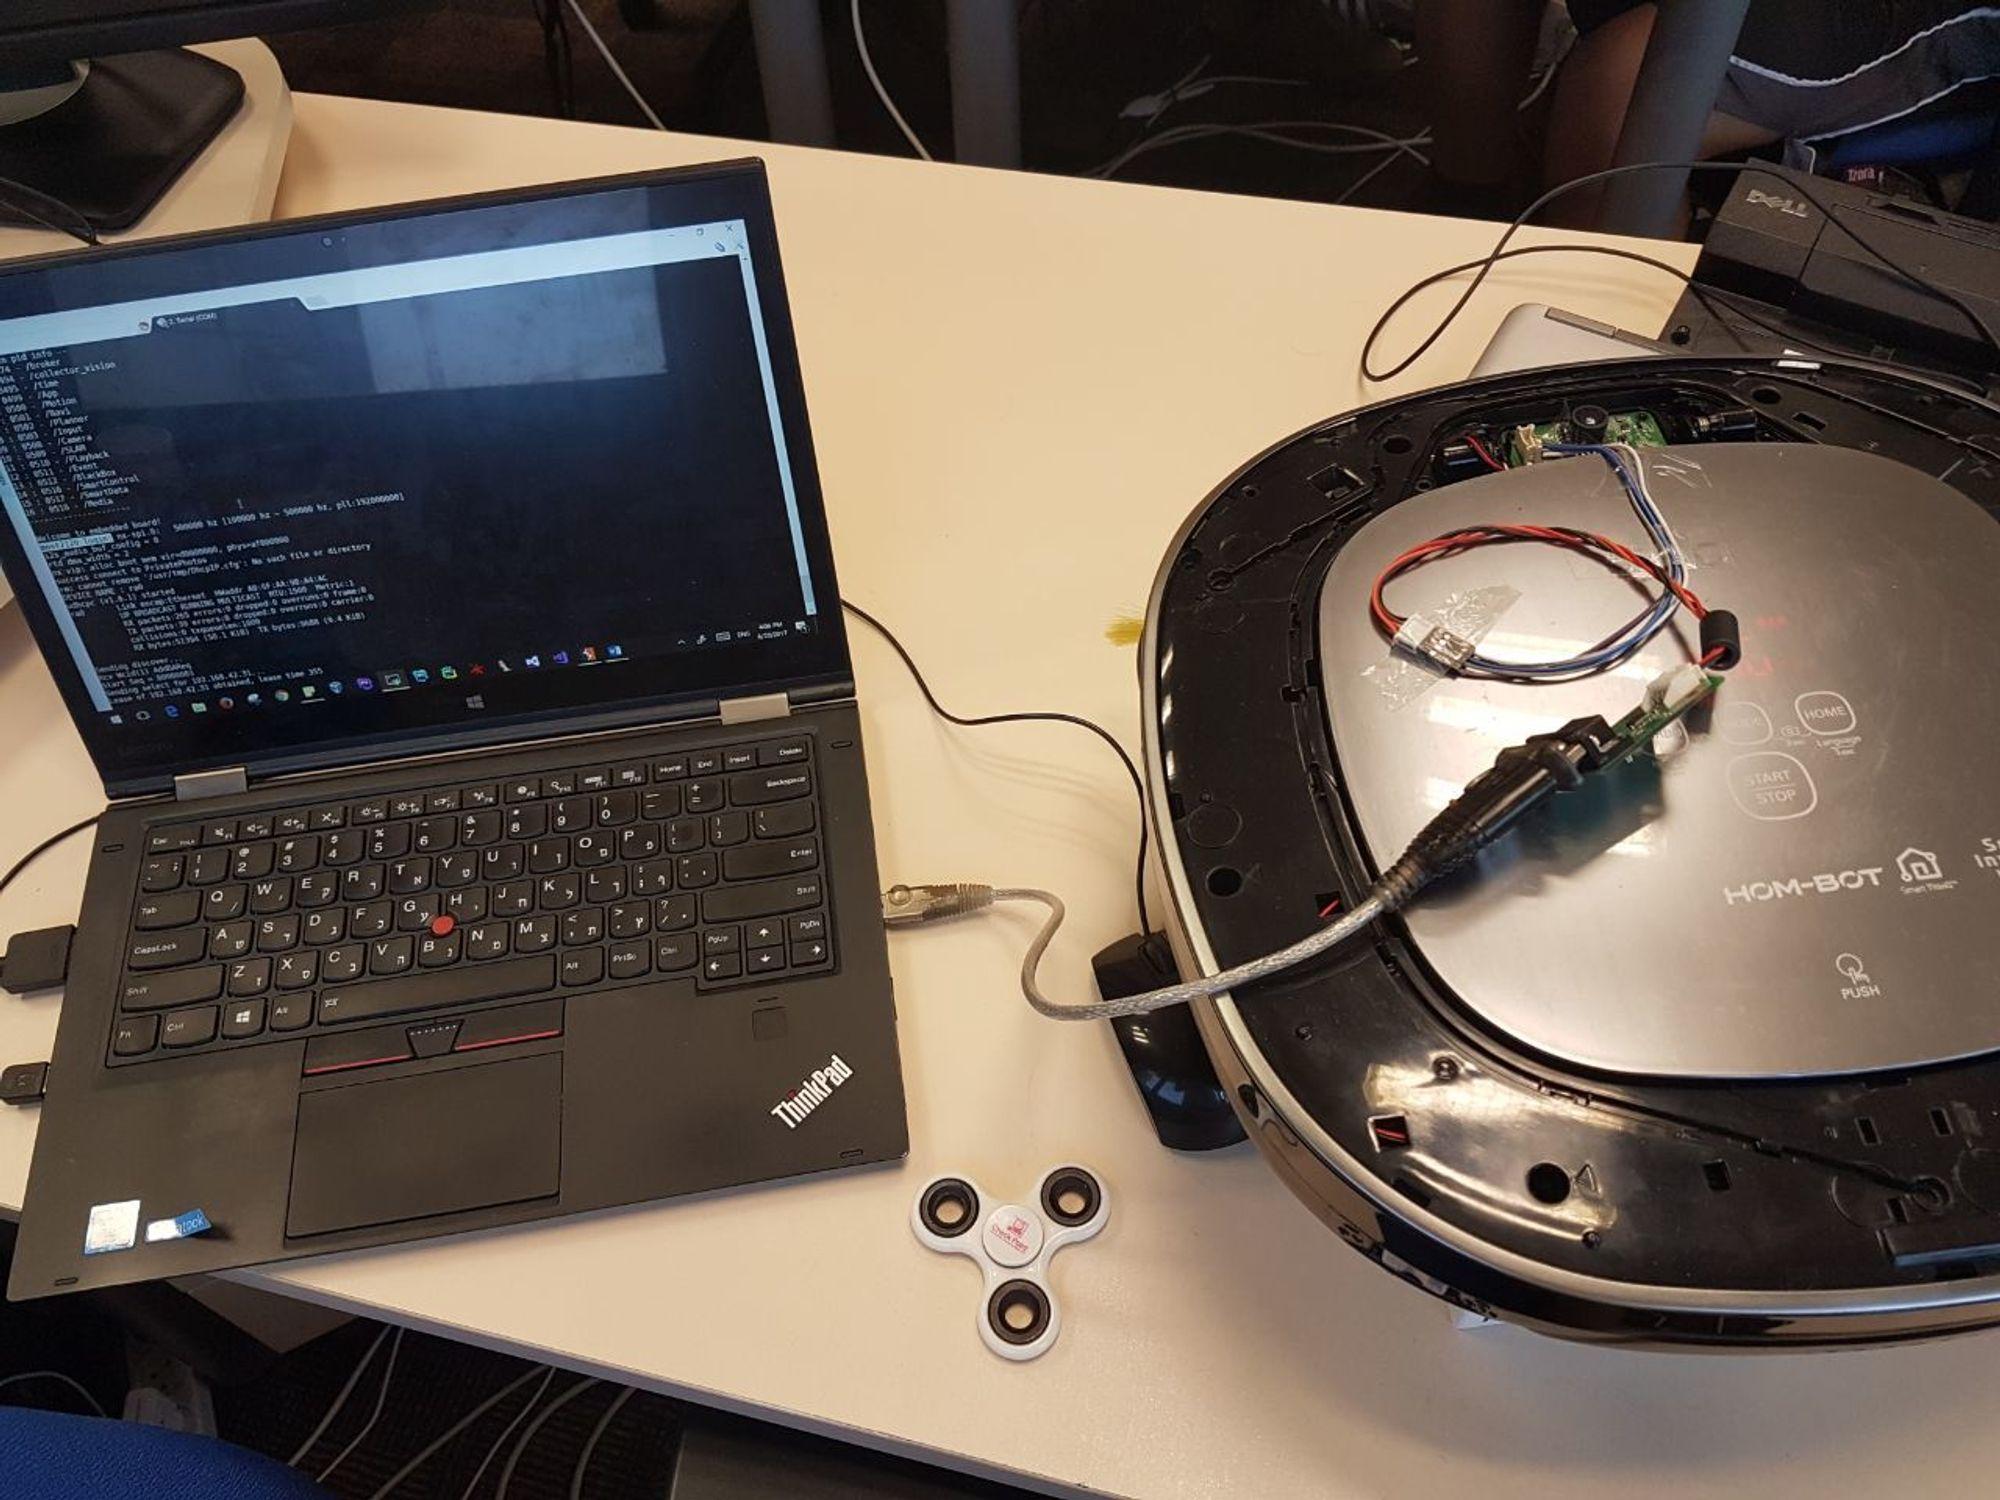 Check Point fikk tilgang til andre brukeres Hom-Bot-støvsugere ved å fjerne sikkerhetsmekanismer fra den tilhørende appen.